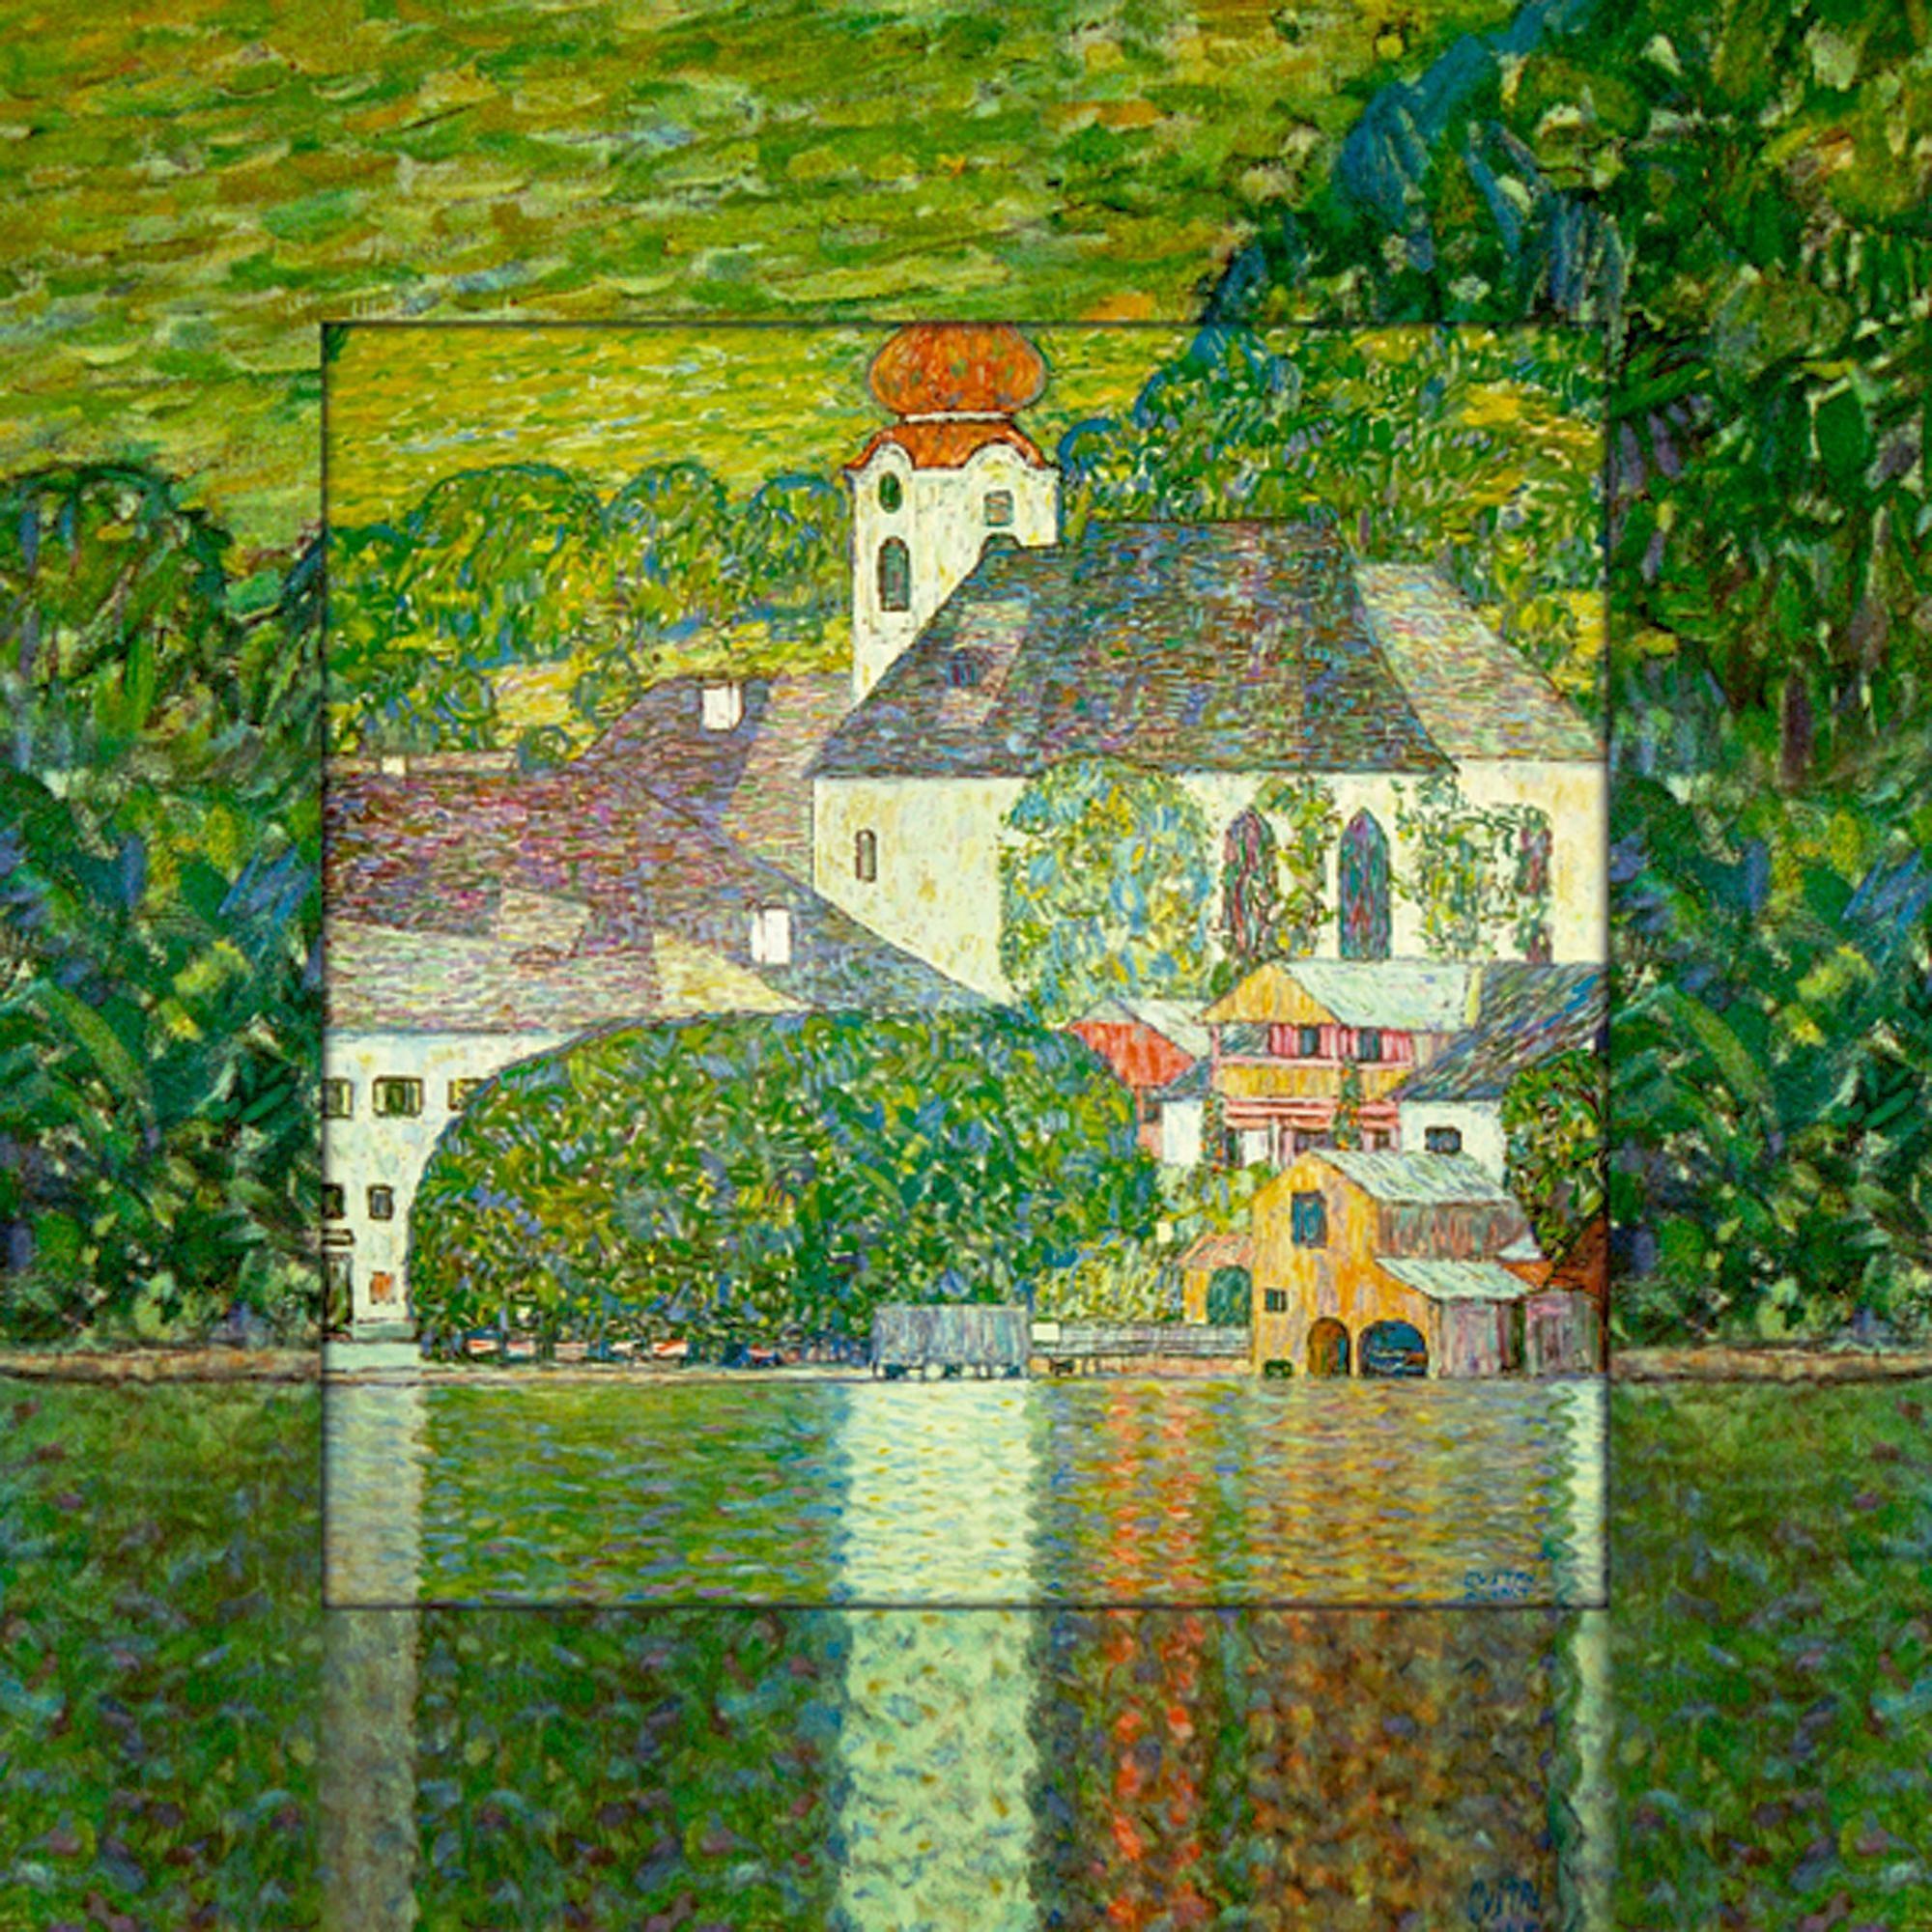 Home affaire Bild, Kunstdruck »G. Klimt: Kirche in Unterach am Attersee«, 50,4/50,4 cm